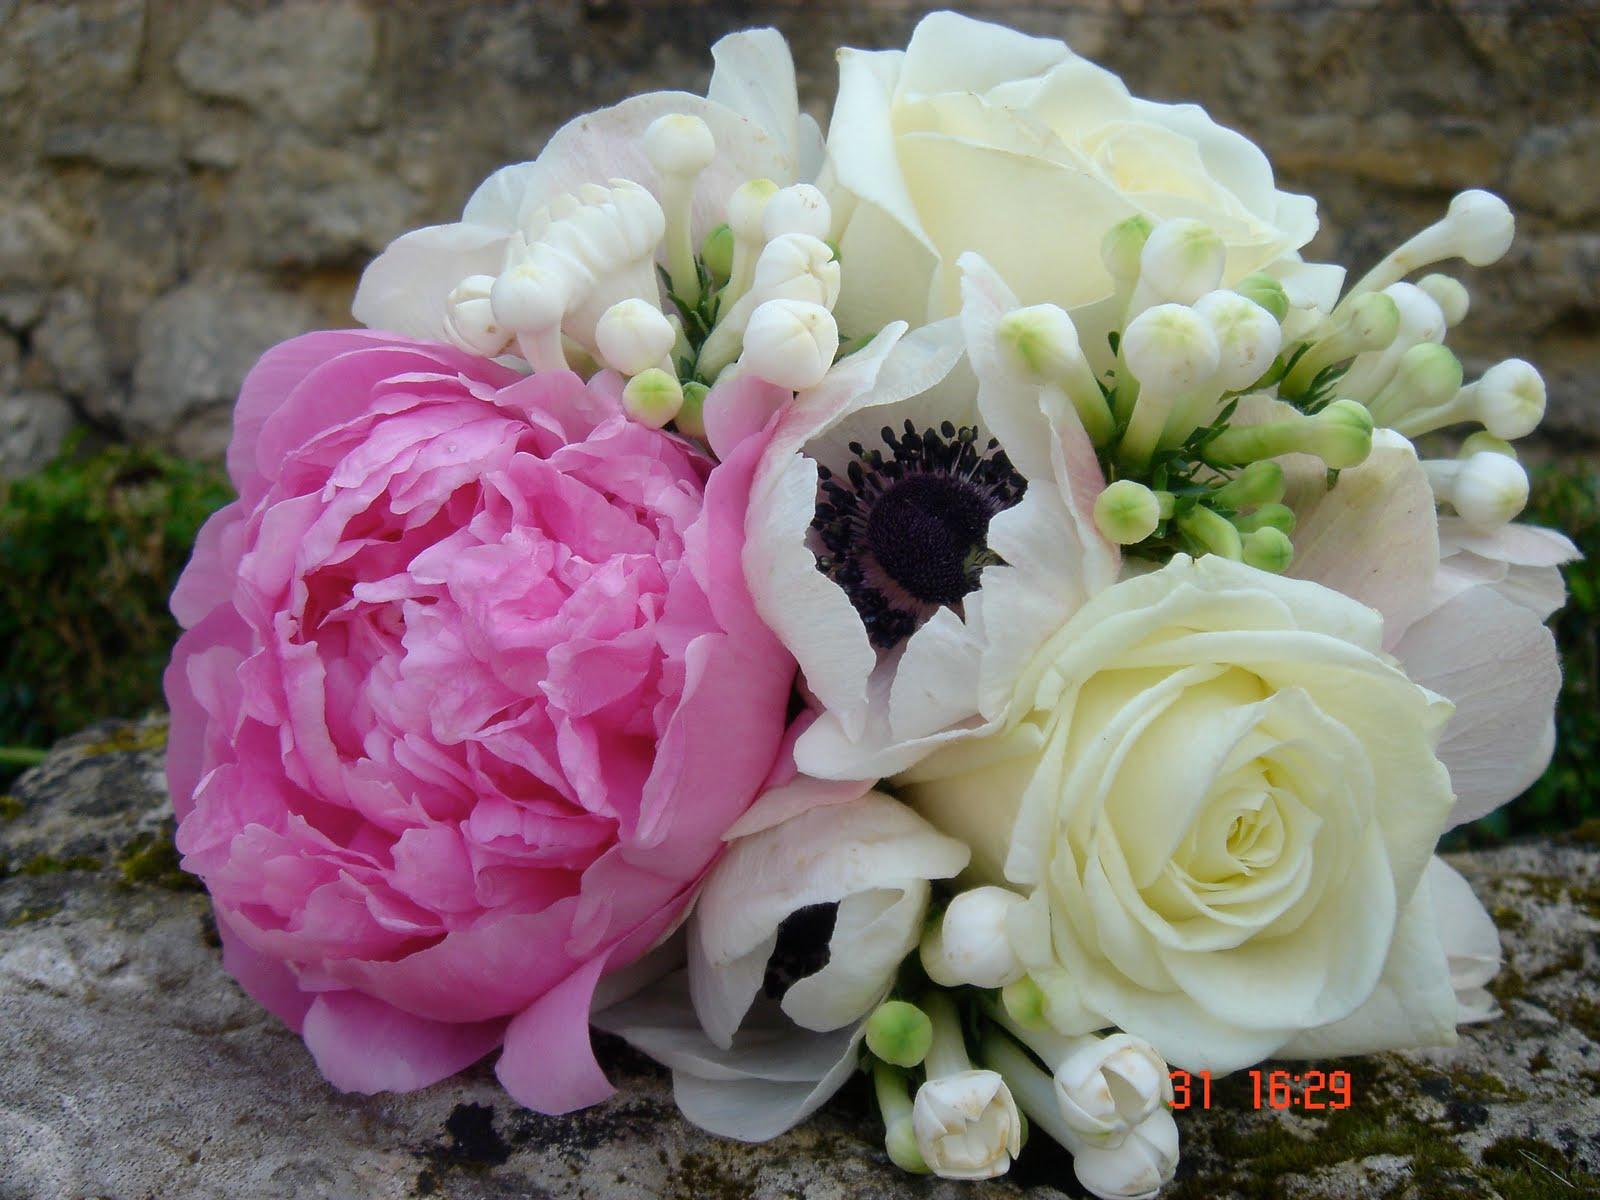 les bouquets de l 39 abbaye pivoine roses esp rance an mones et bouvardia. Black Bedroom Furniture Sets. Home Design Ideas